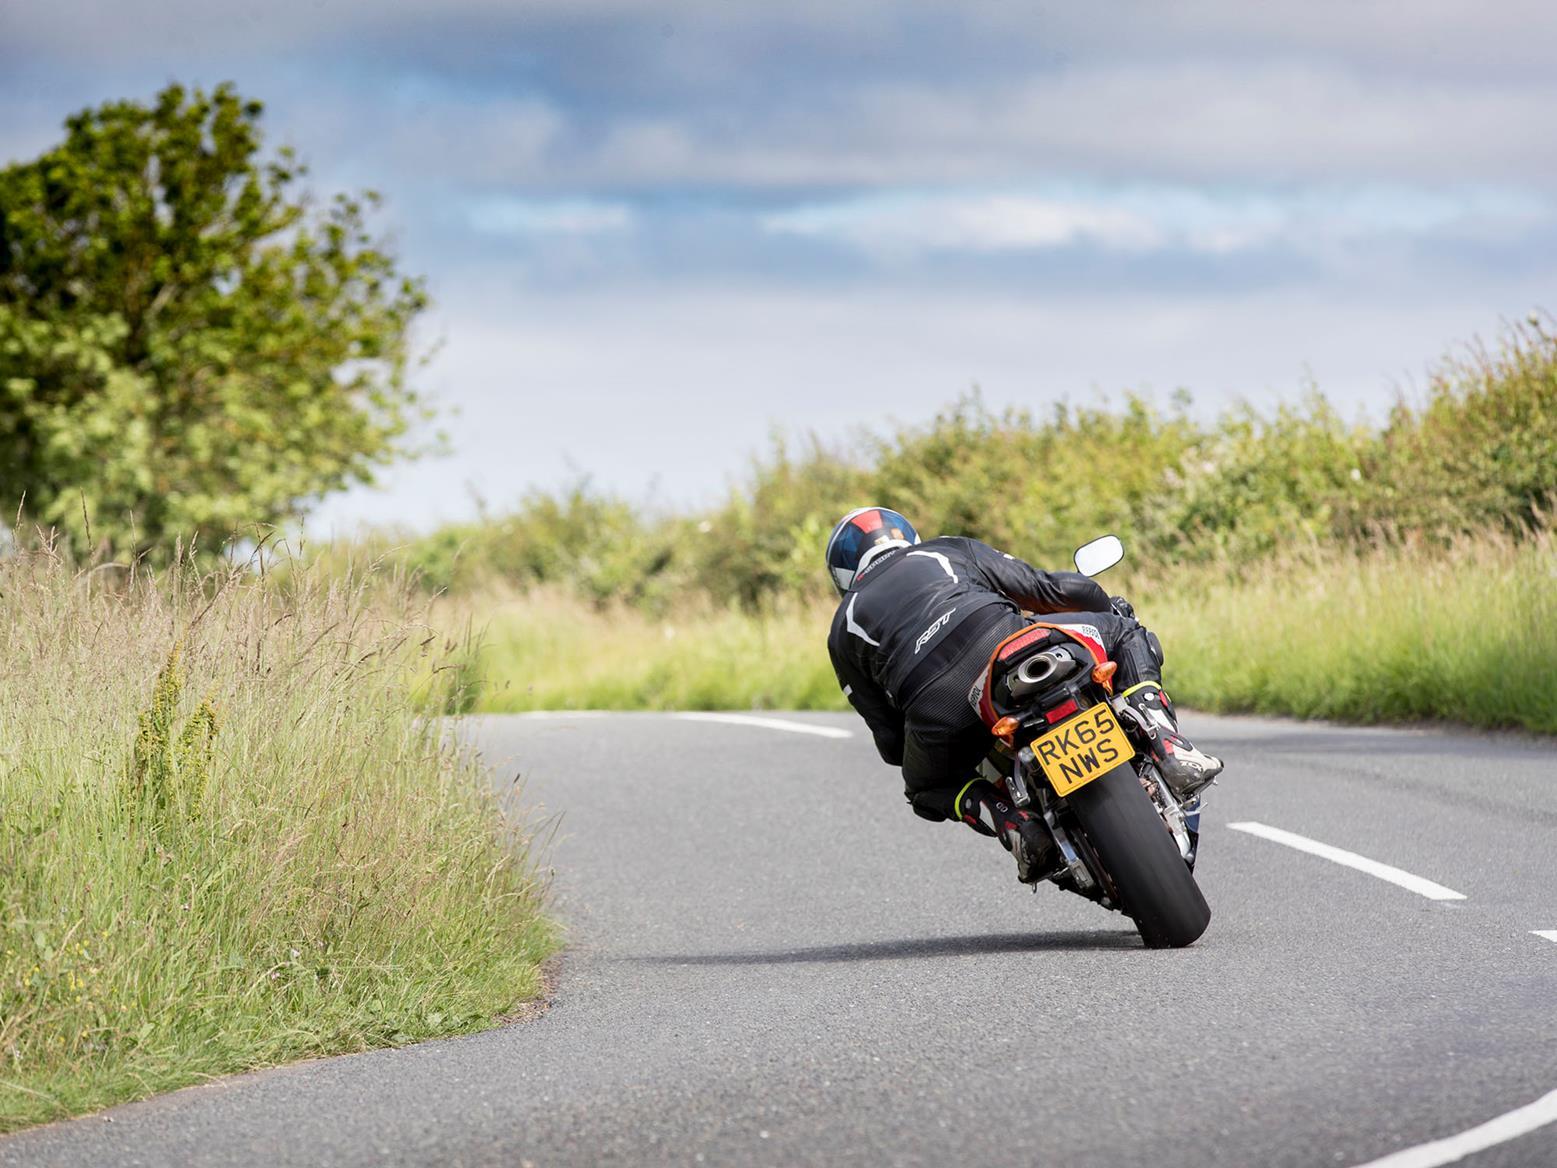 Honda CBR600RR rear